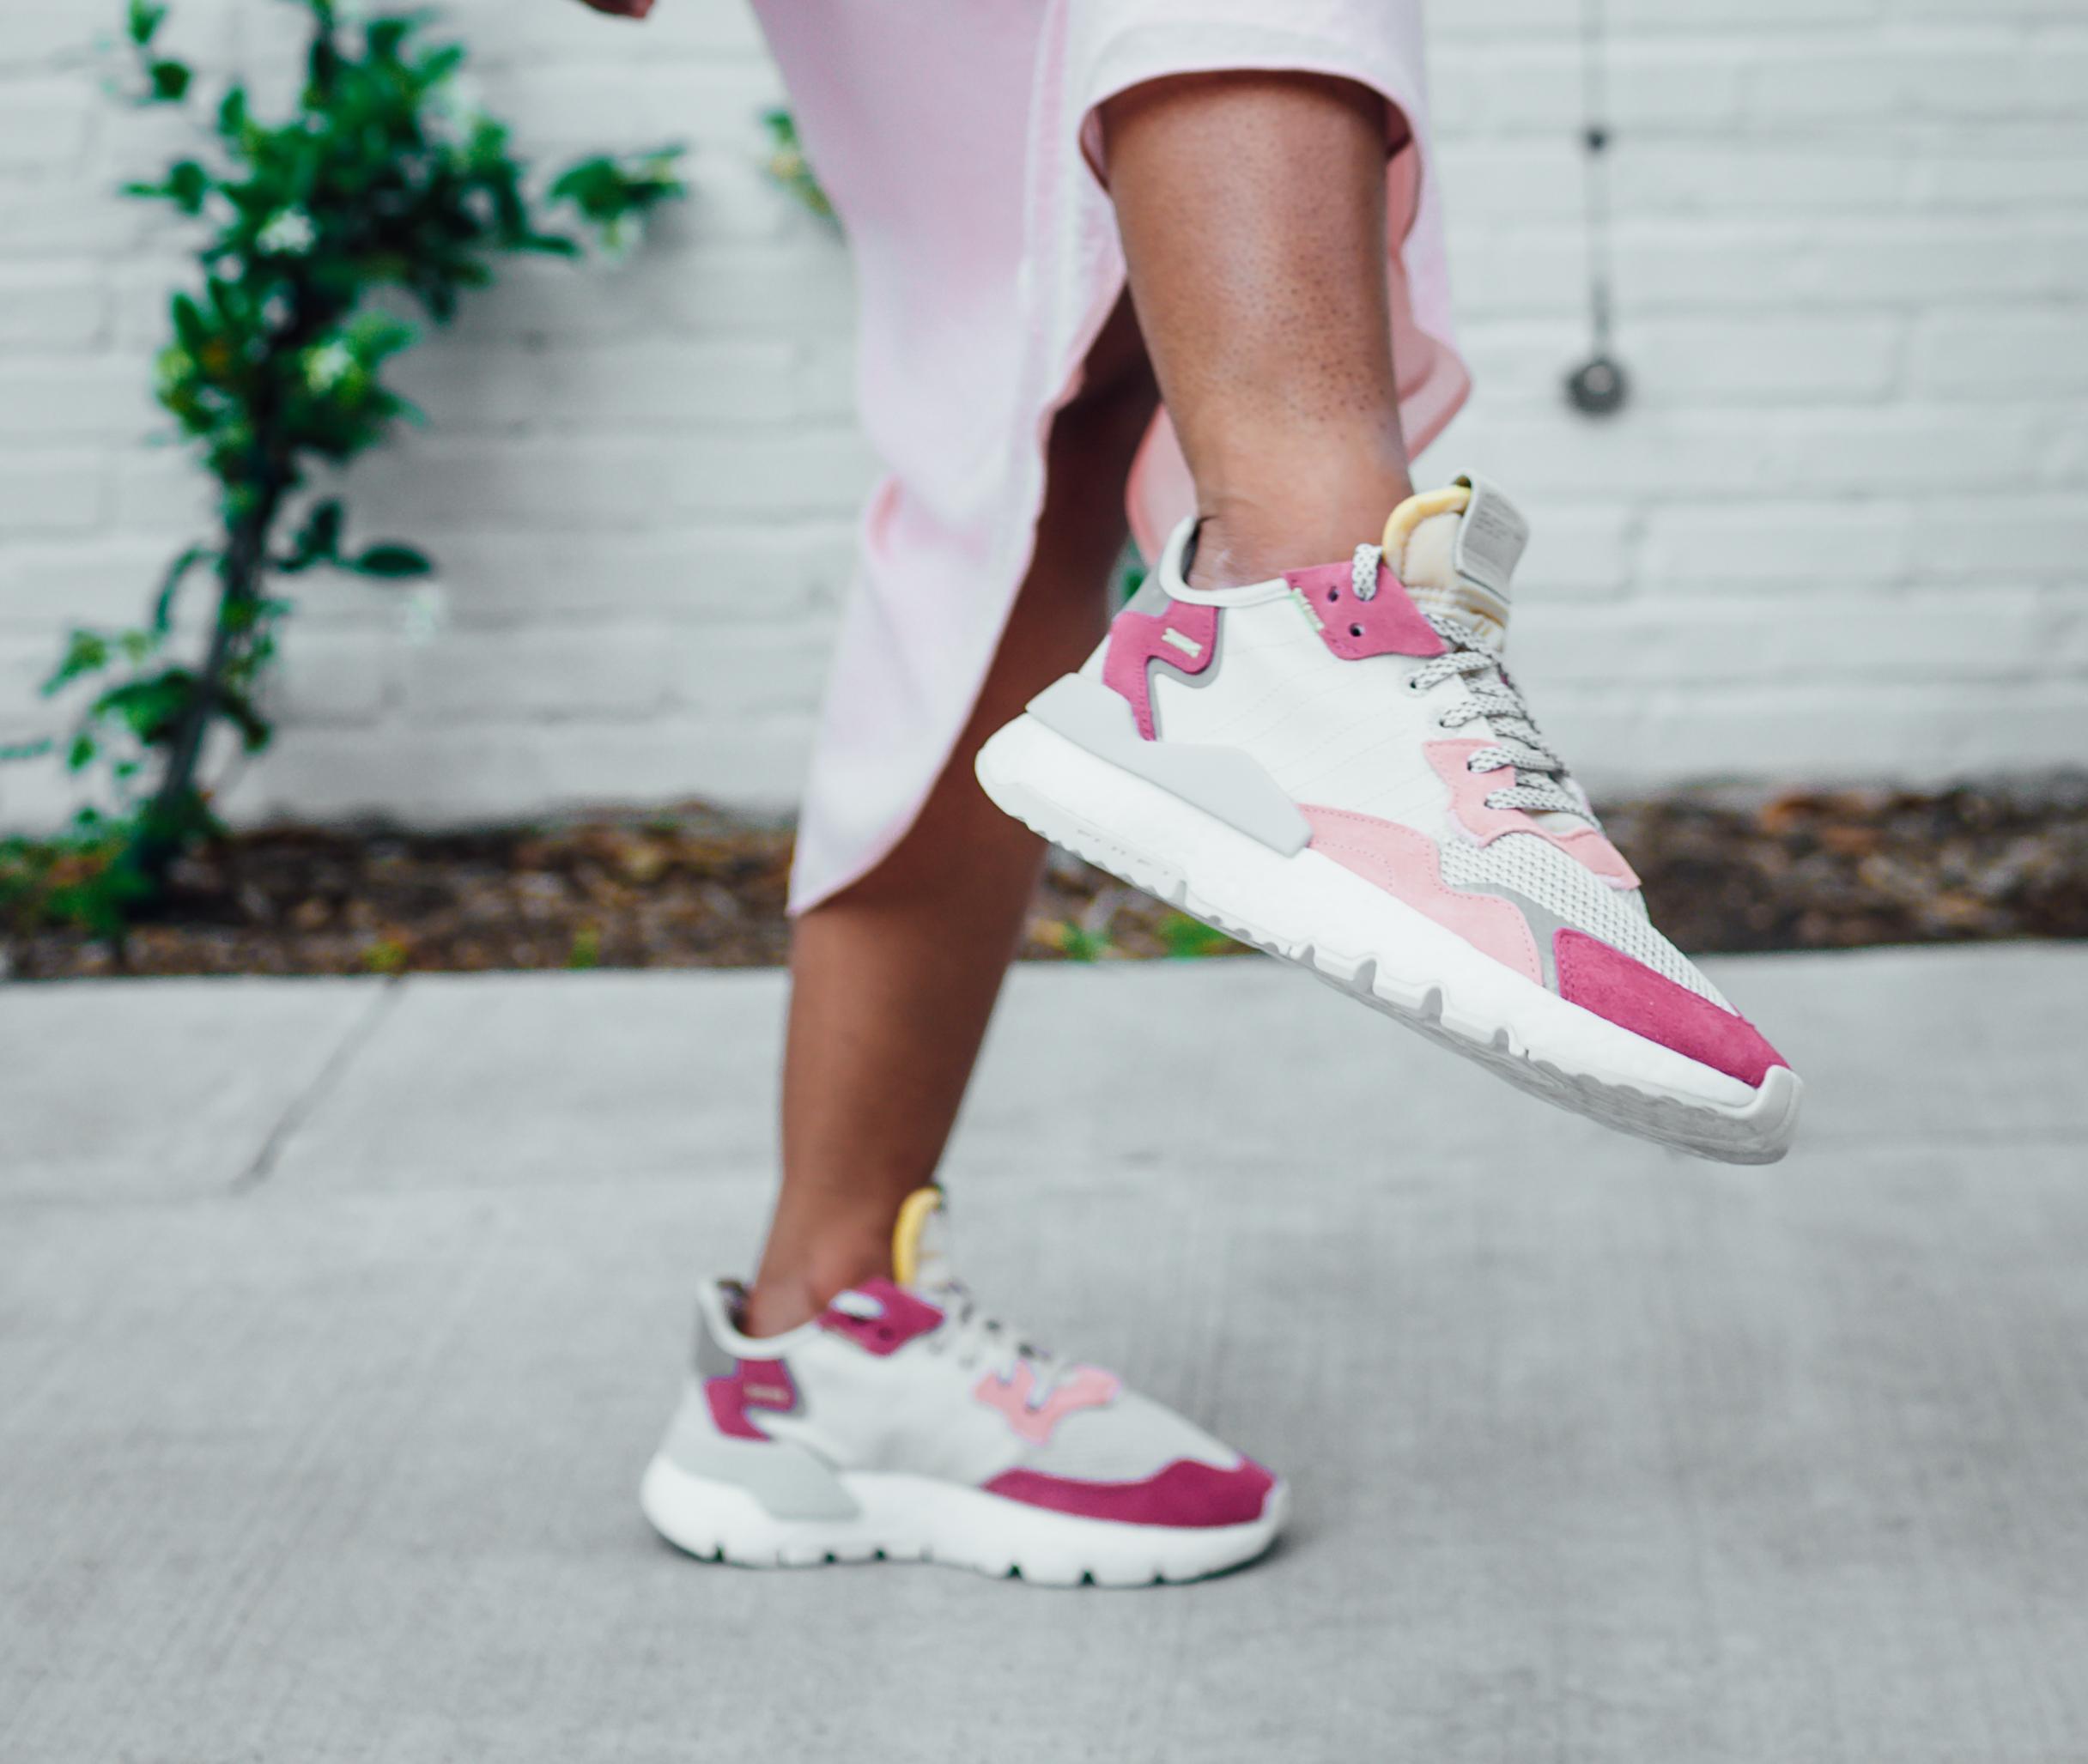 Adidas lança saldos de meia estação com sapatilhas a partir